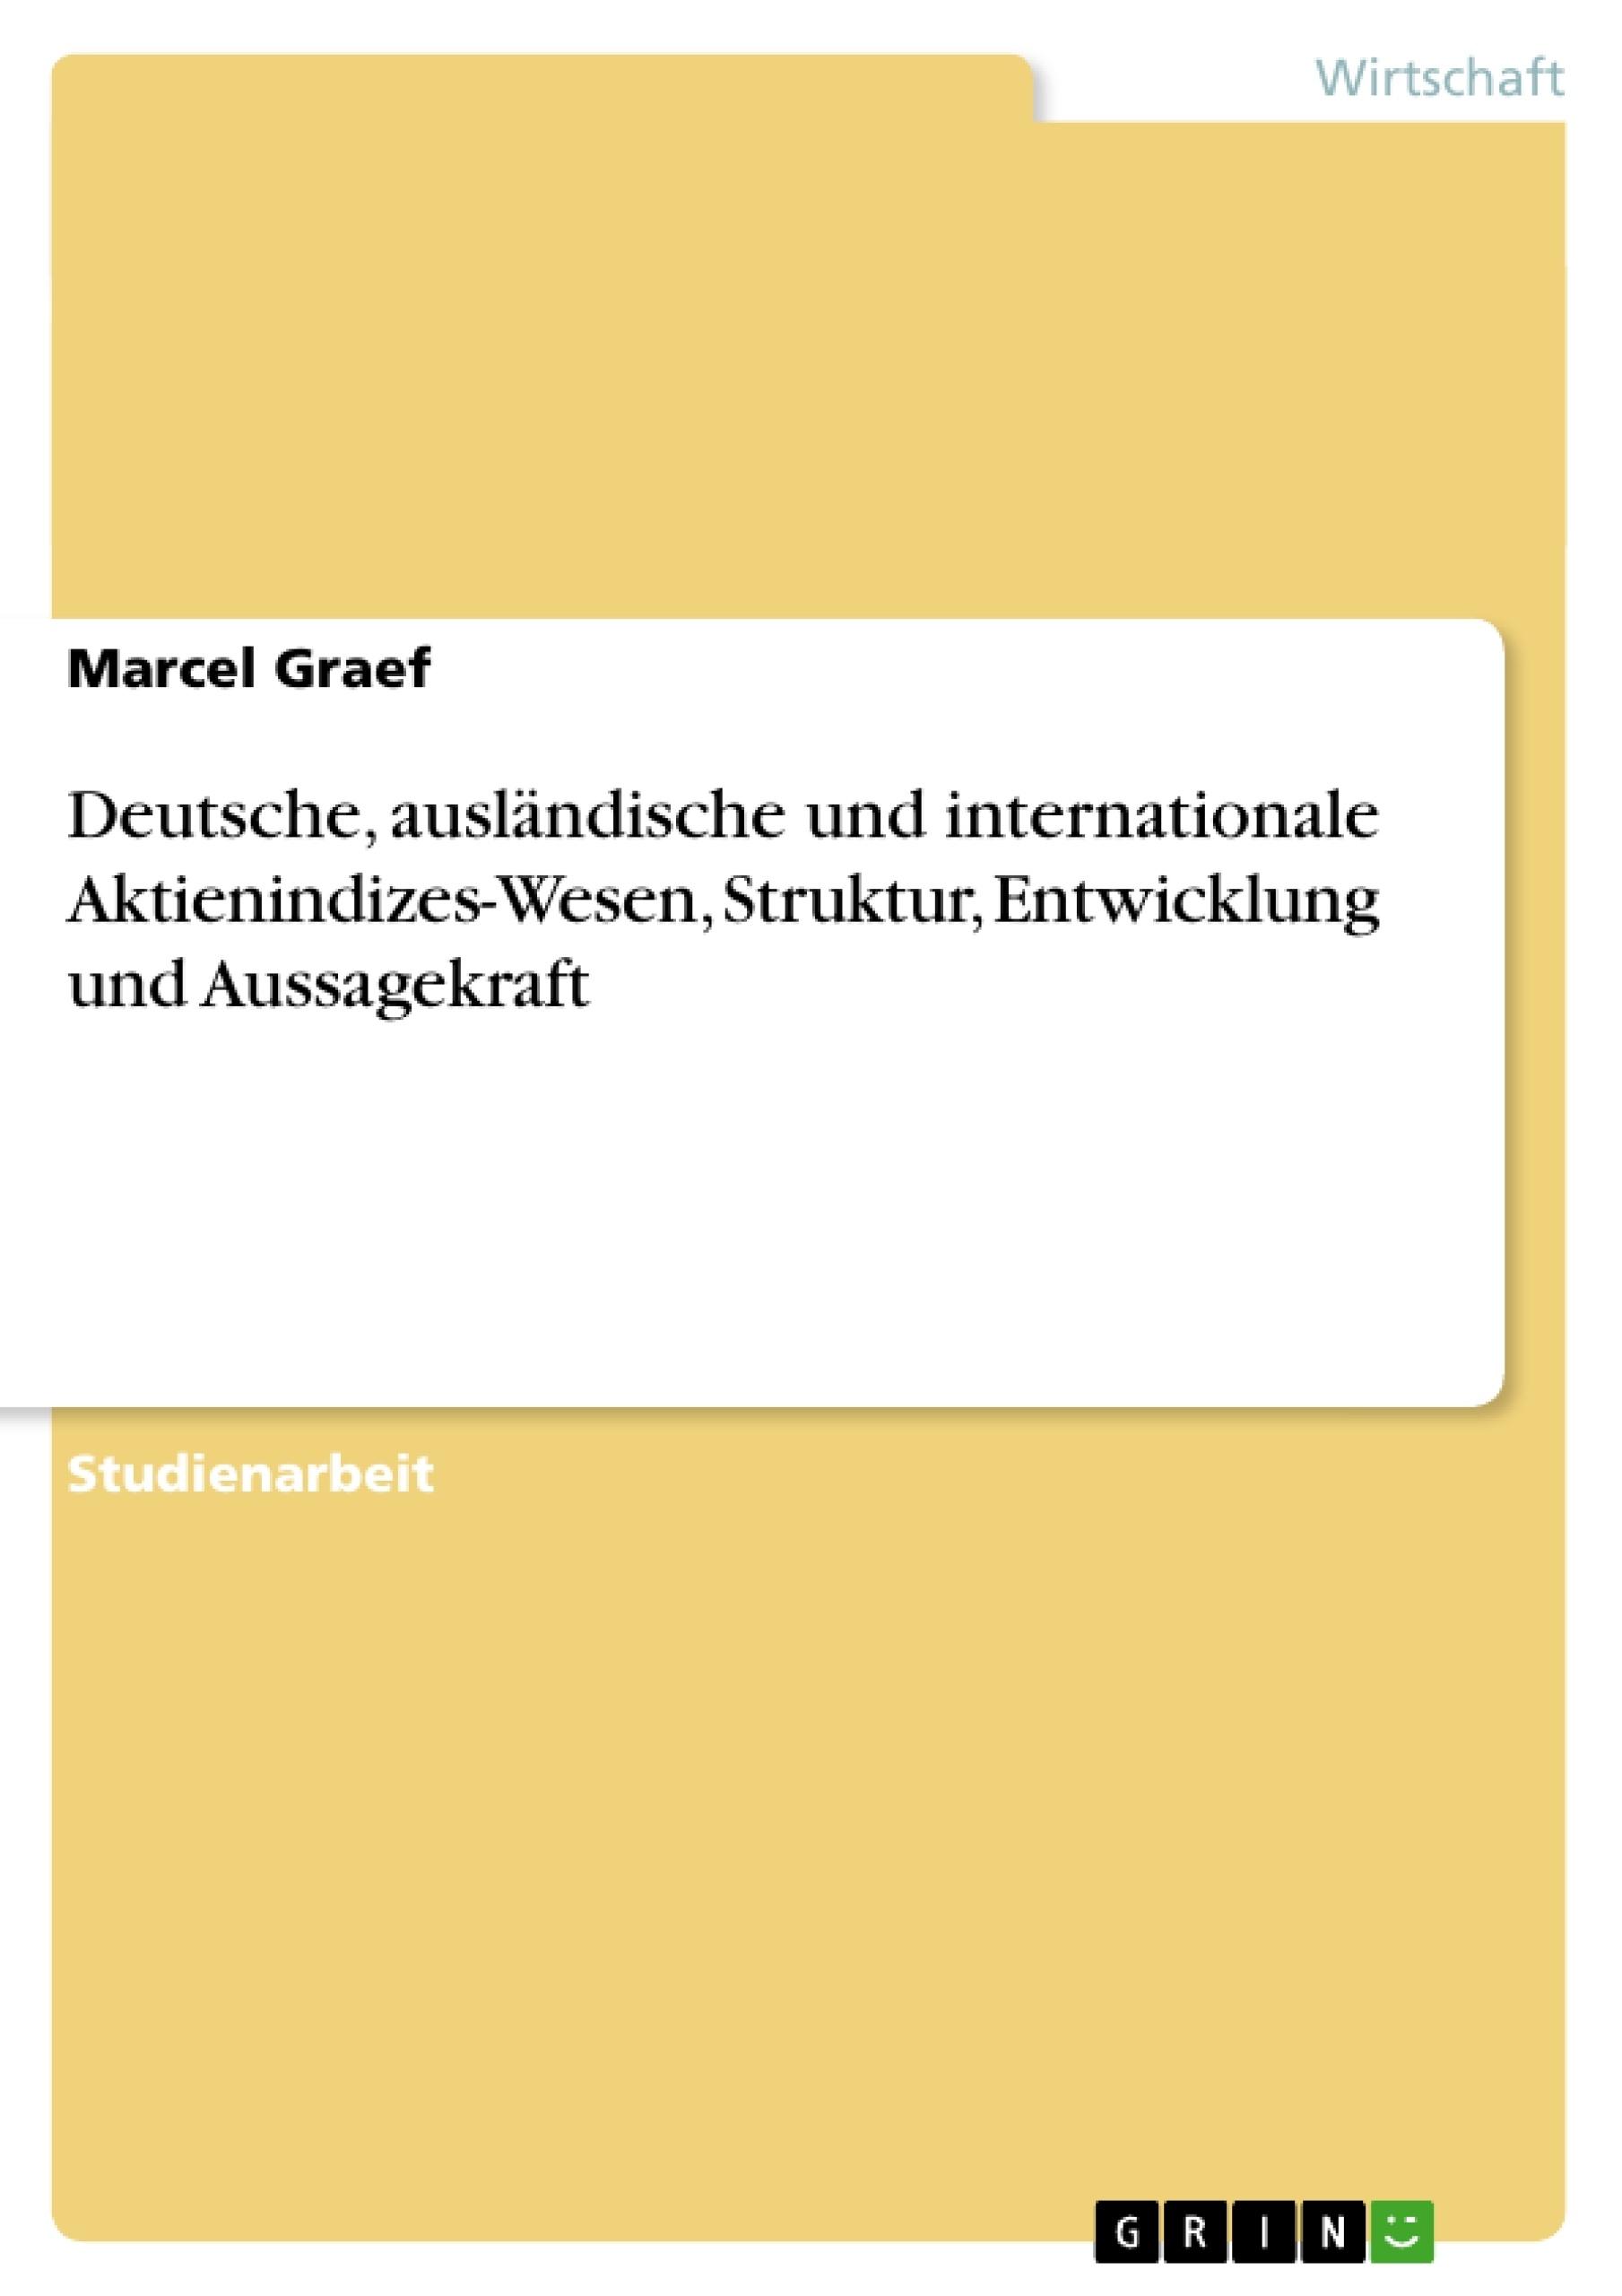 Titel: Deutsche, ausländische und internationale Aktienindizes-Wesen, Struktur, Entwicklung und Aussagekraft